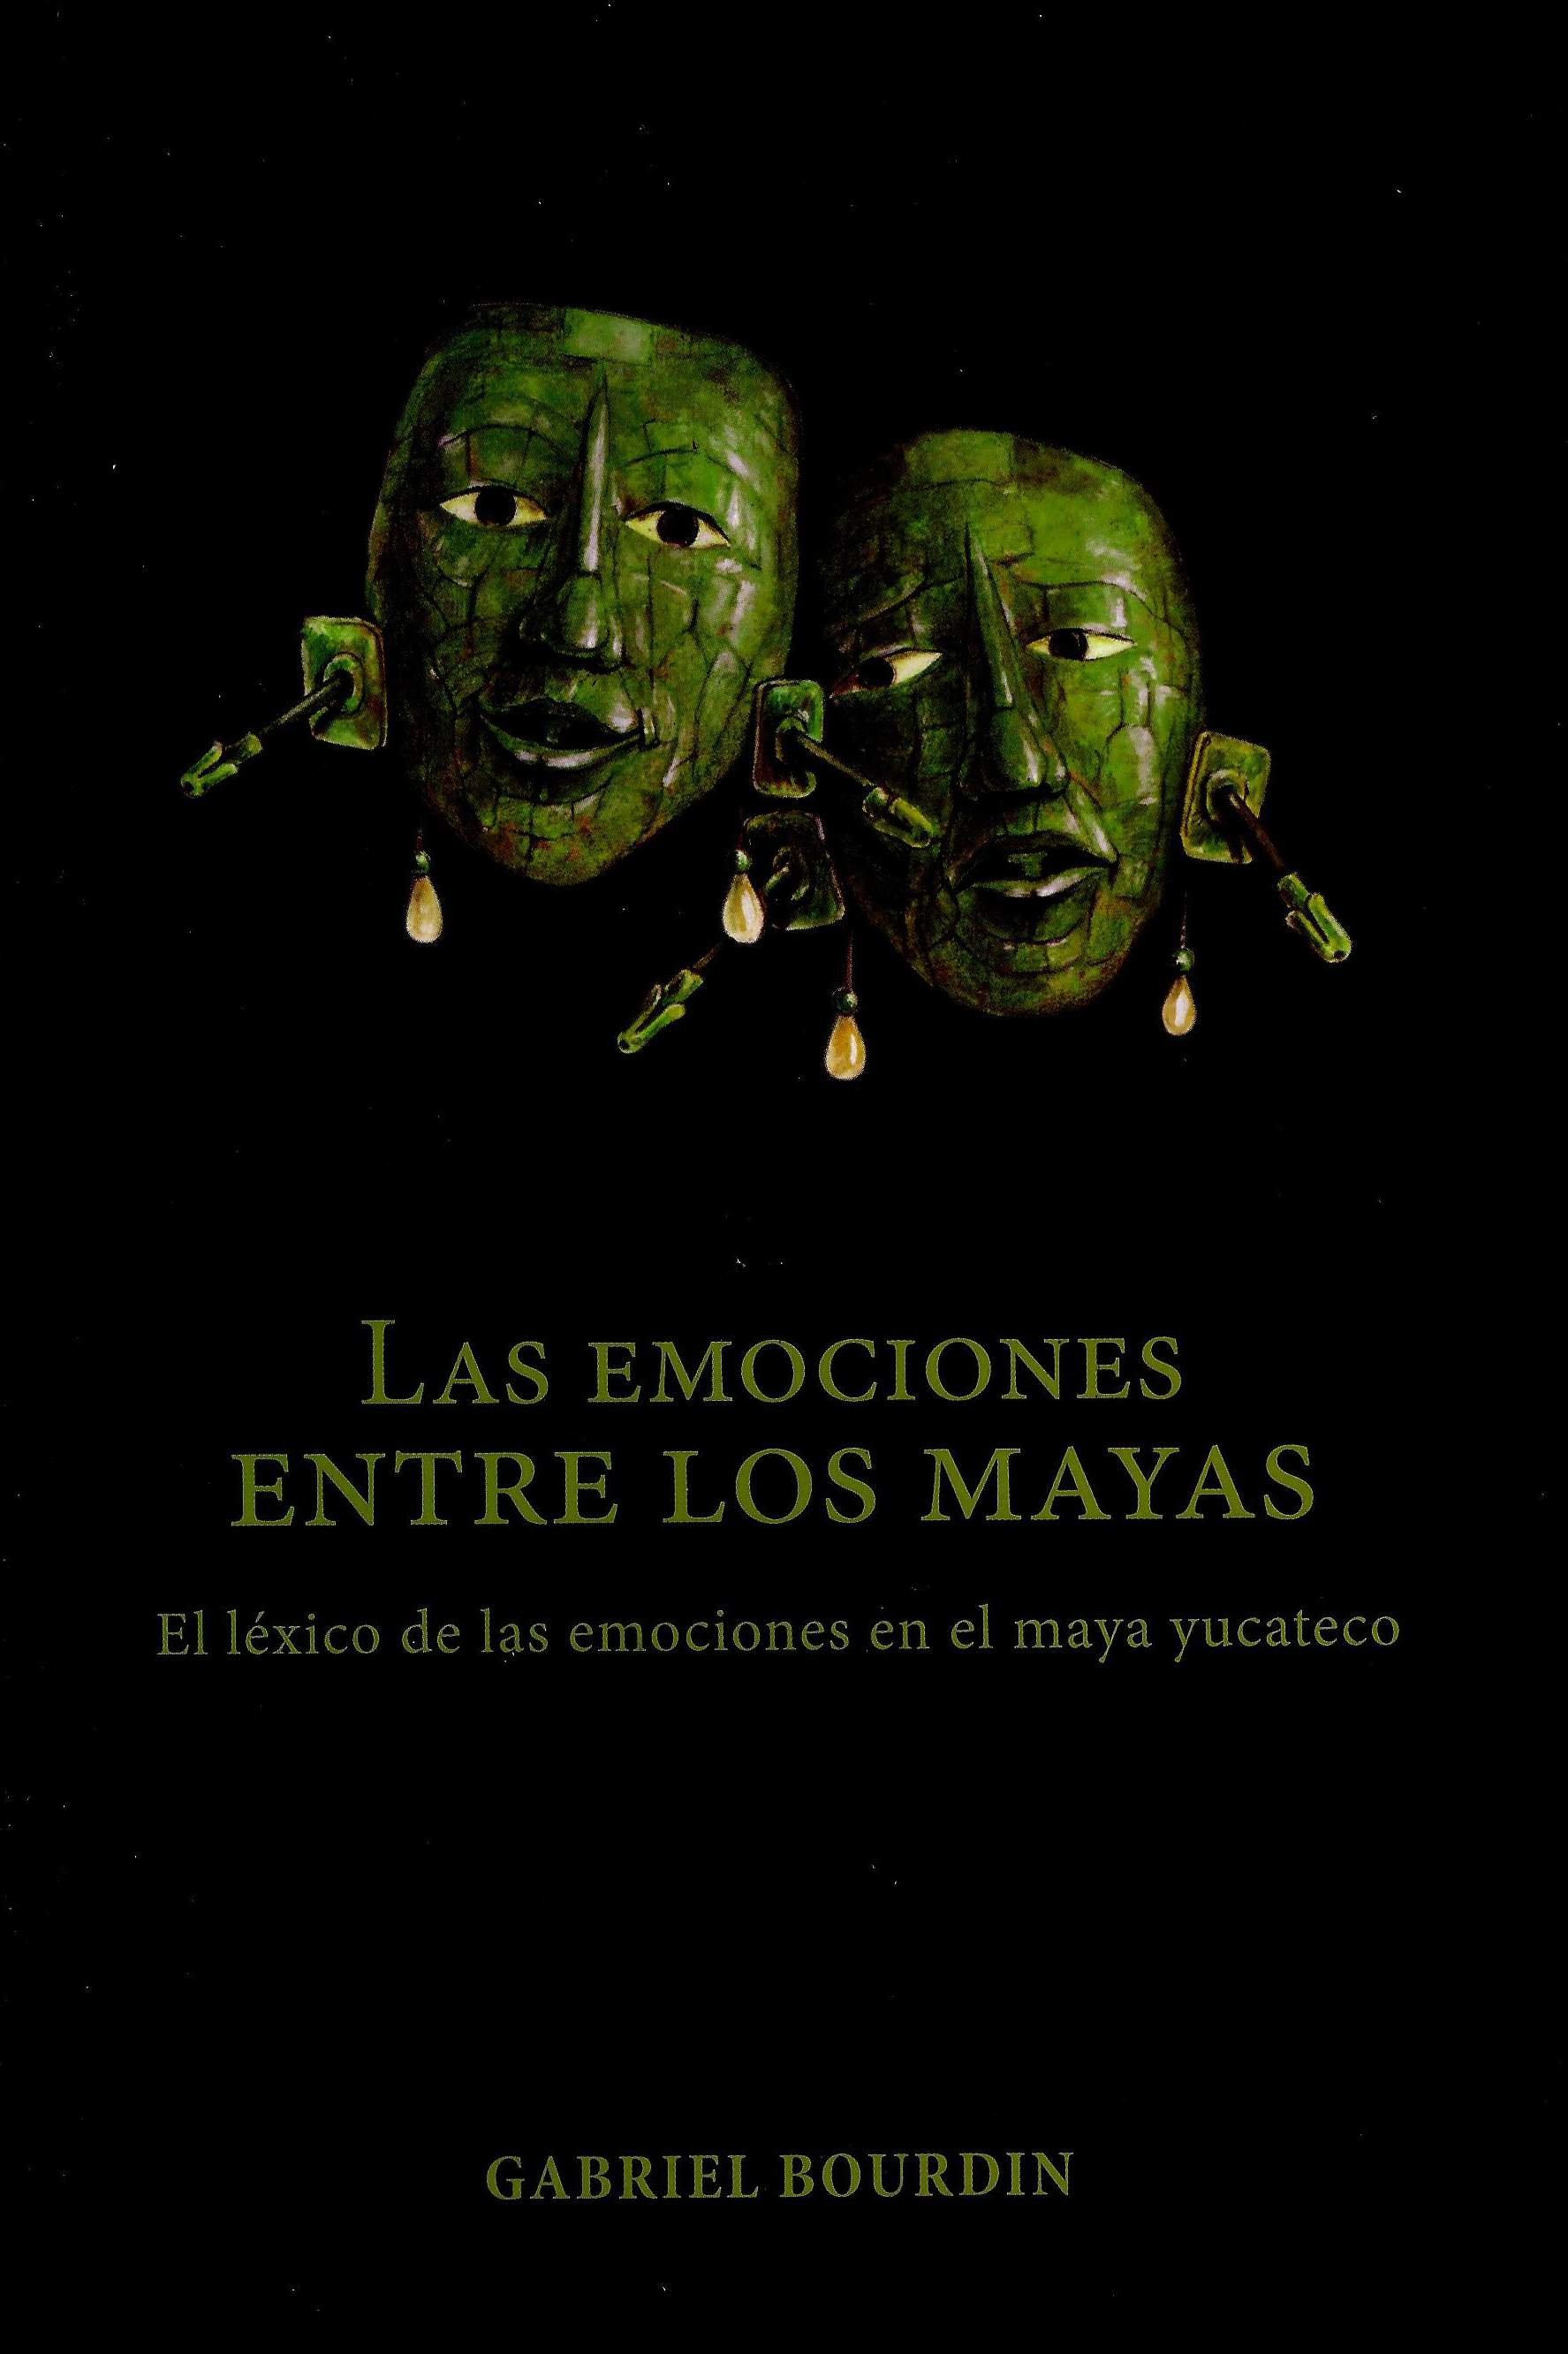 Las emociones entre los mayas El léxico de las emociones en el maya yucateco